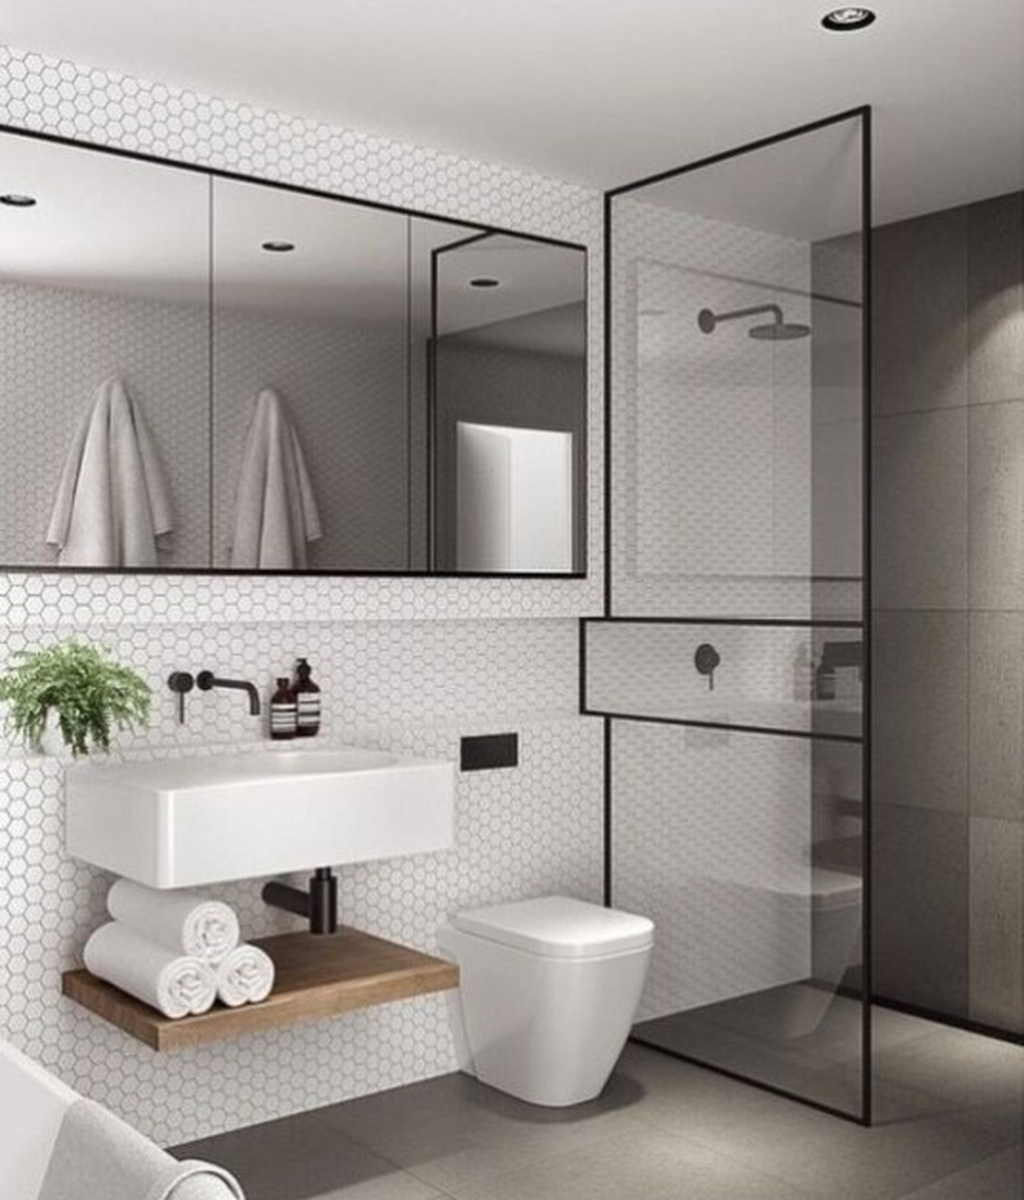 Fascinating Minimalist Bathroom Decoration Ideas 06